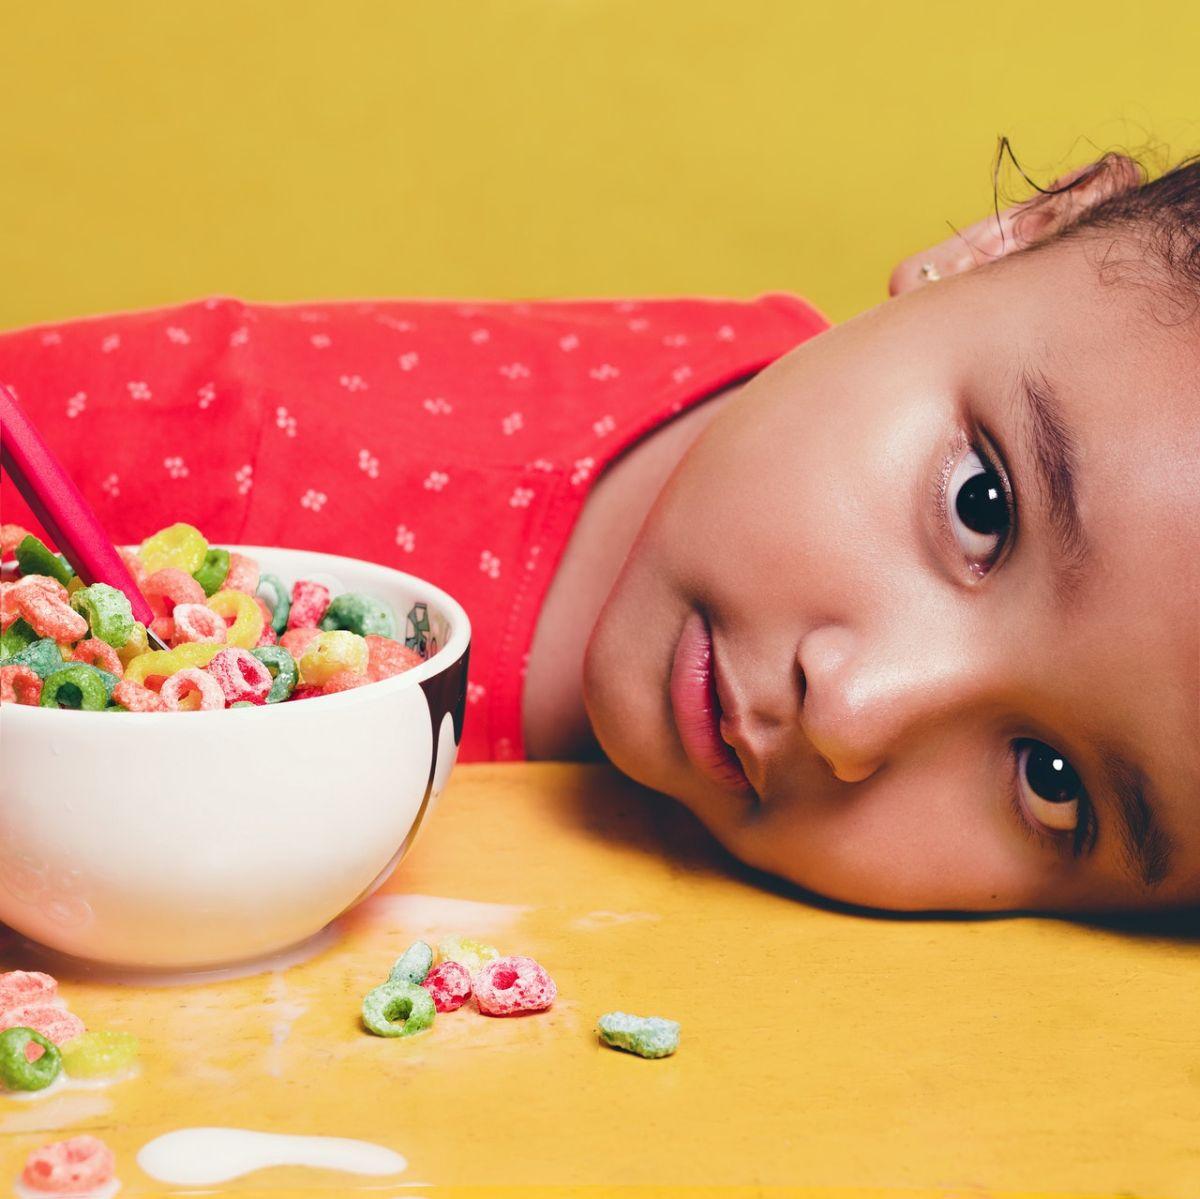 Cómo alimentar mejor a tu hijo y evitar los alimentos procesados